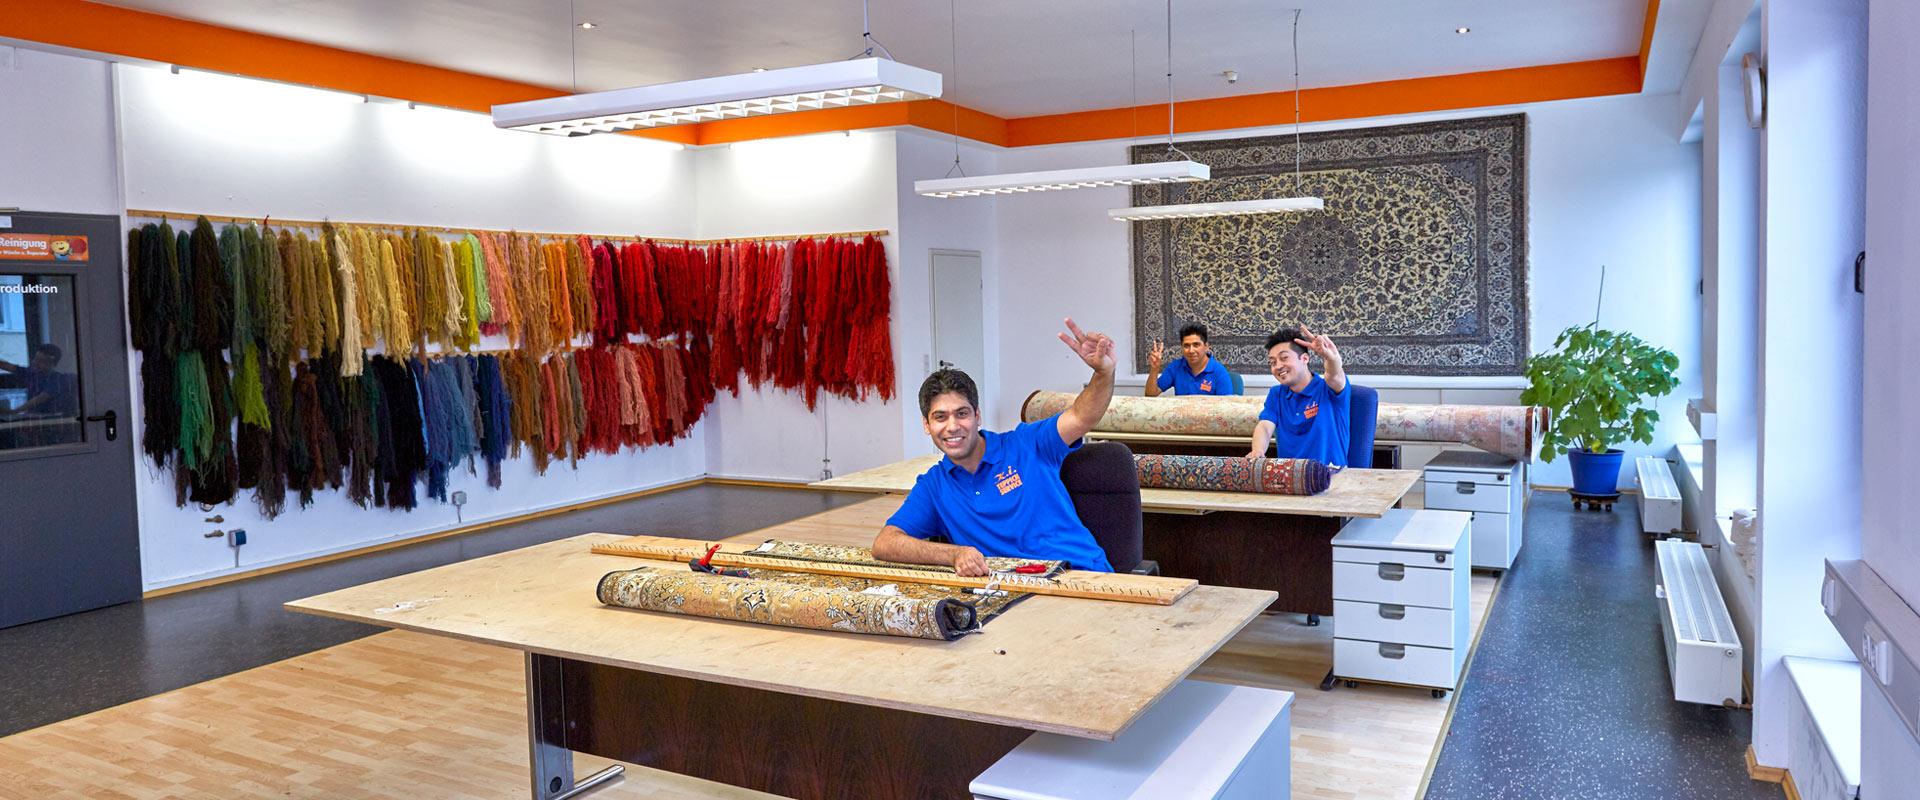 augsburg teppichservice teppichreinigung und teppichreparatur in augsburg. Black Bedroom Furniture Sets. Home Design Ideas